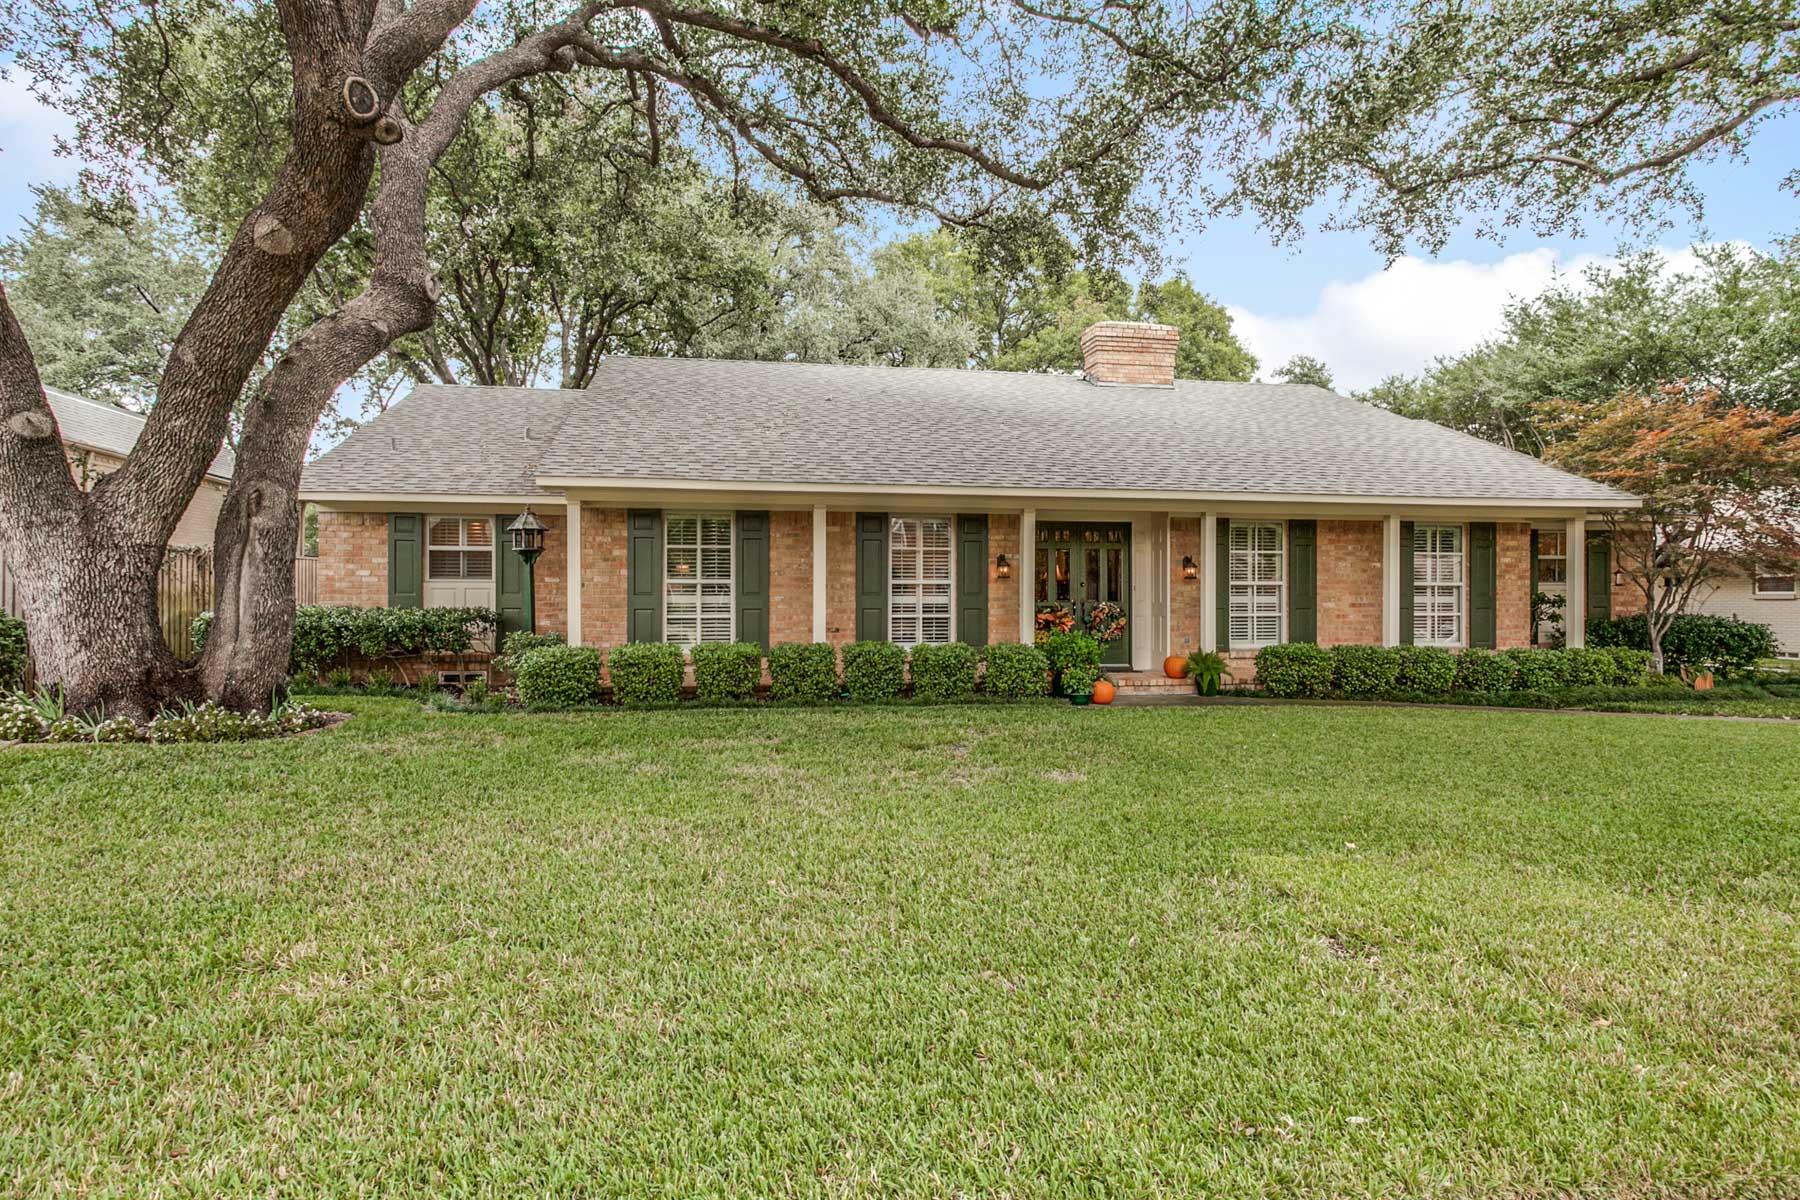 Villa per Vendita alle ore 7131 Lakehurst Avenue, Dallas Dallas, Texas, 75230 Stati Uniti